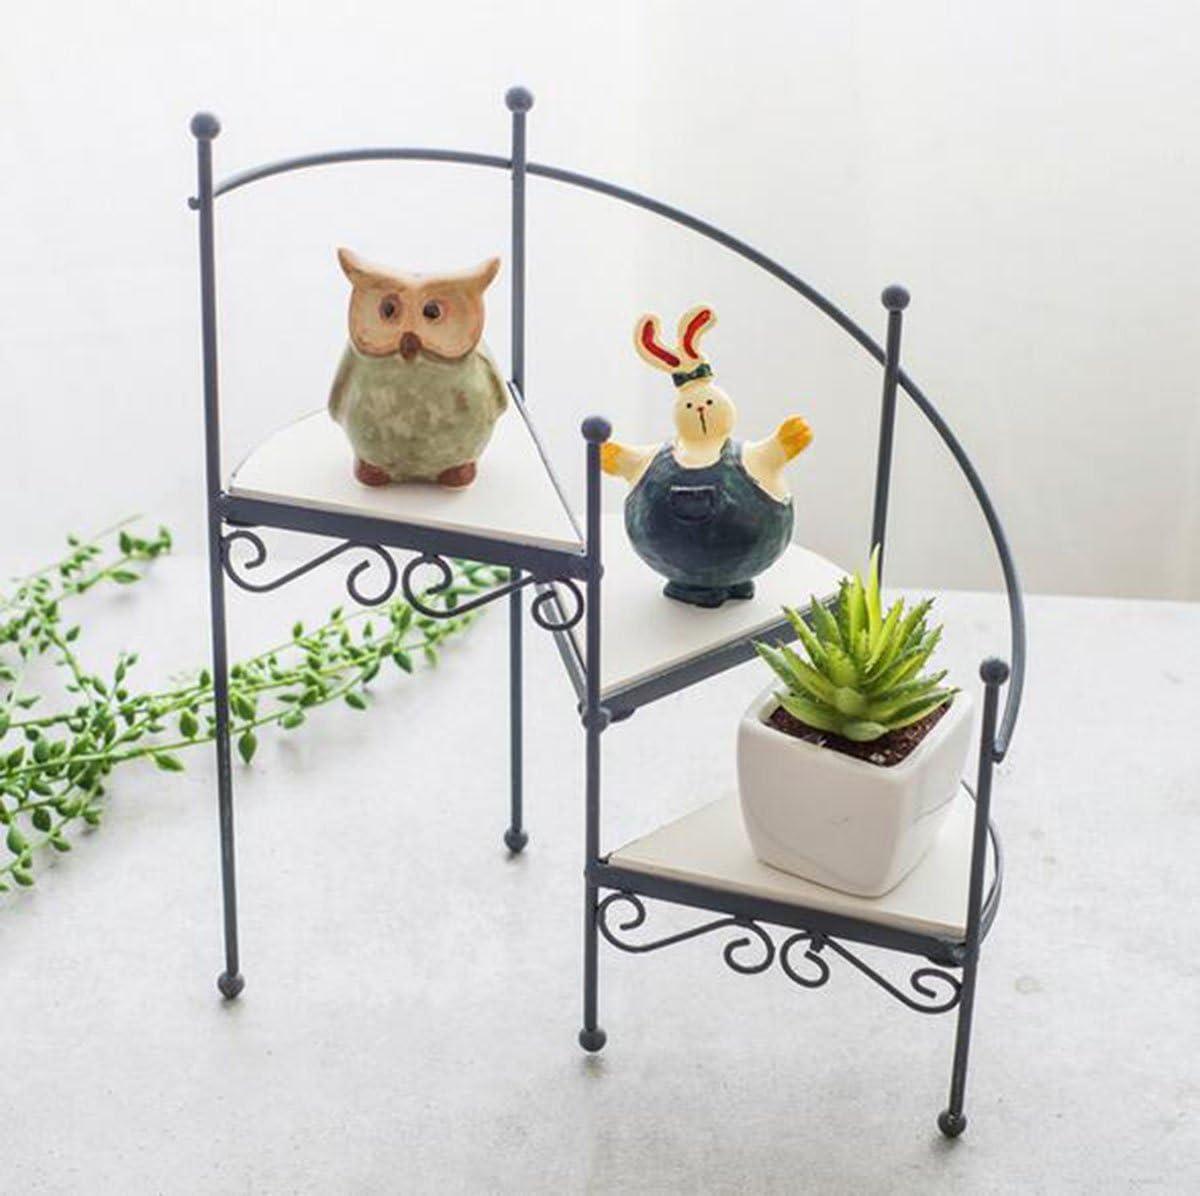 TQ 2Pcs Hierro Complejo Antiguo Arte Escalera De Caracol Flor Stand Casa Carnosas Pequeñas Maceta Ornamentos Piso Rack